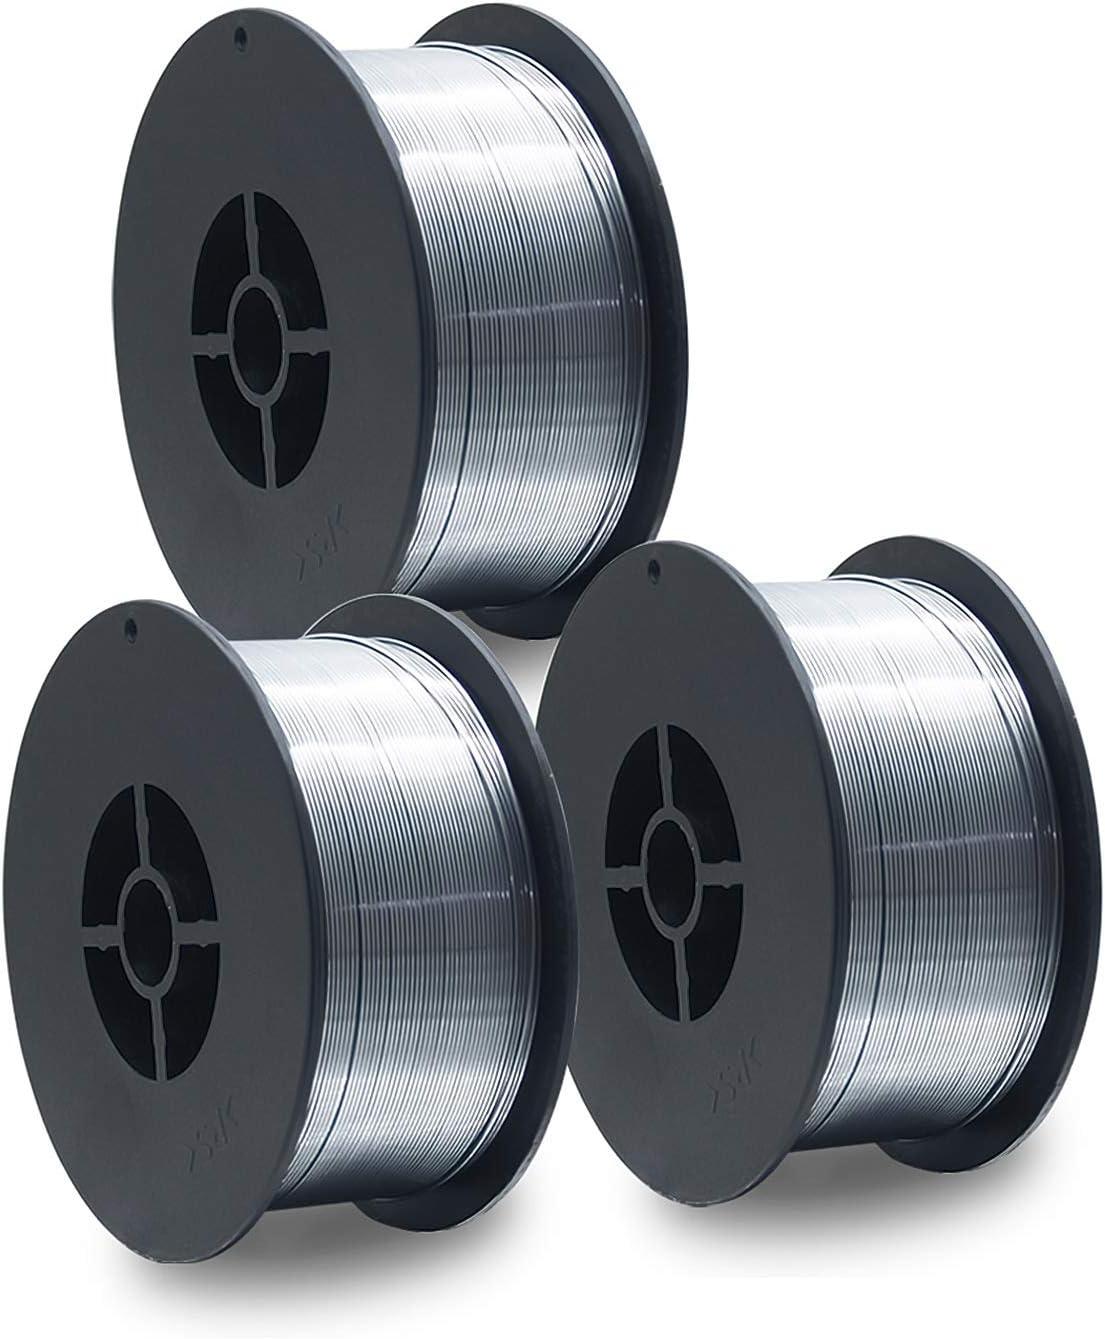 3 unidades de alambre de soldadura D100 MIG MAG de 1 kg, E71T-GS, tamaño 0,8 mm, uso universal, sin gas, sin gas